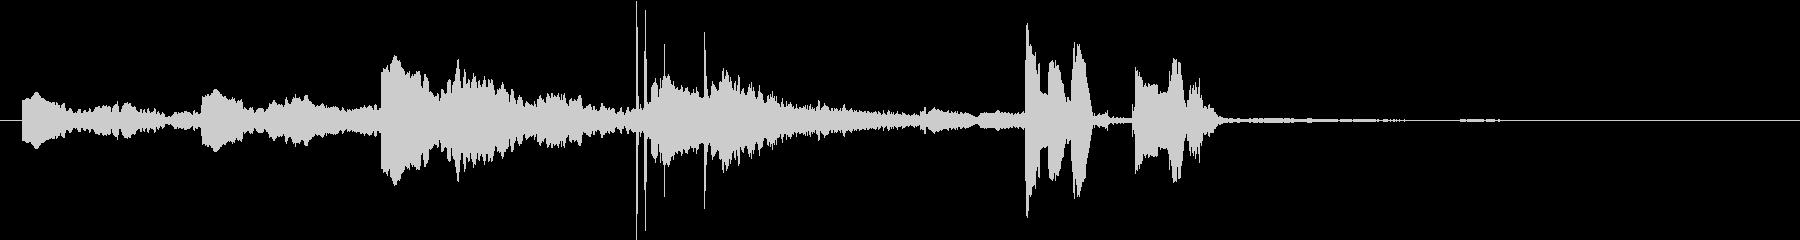 雨を知らせるサイン音+女性アナウンスの未再生の波形